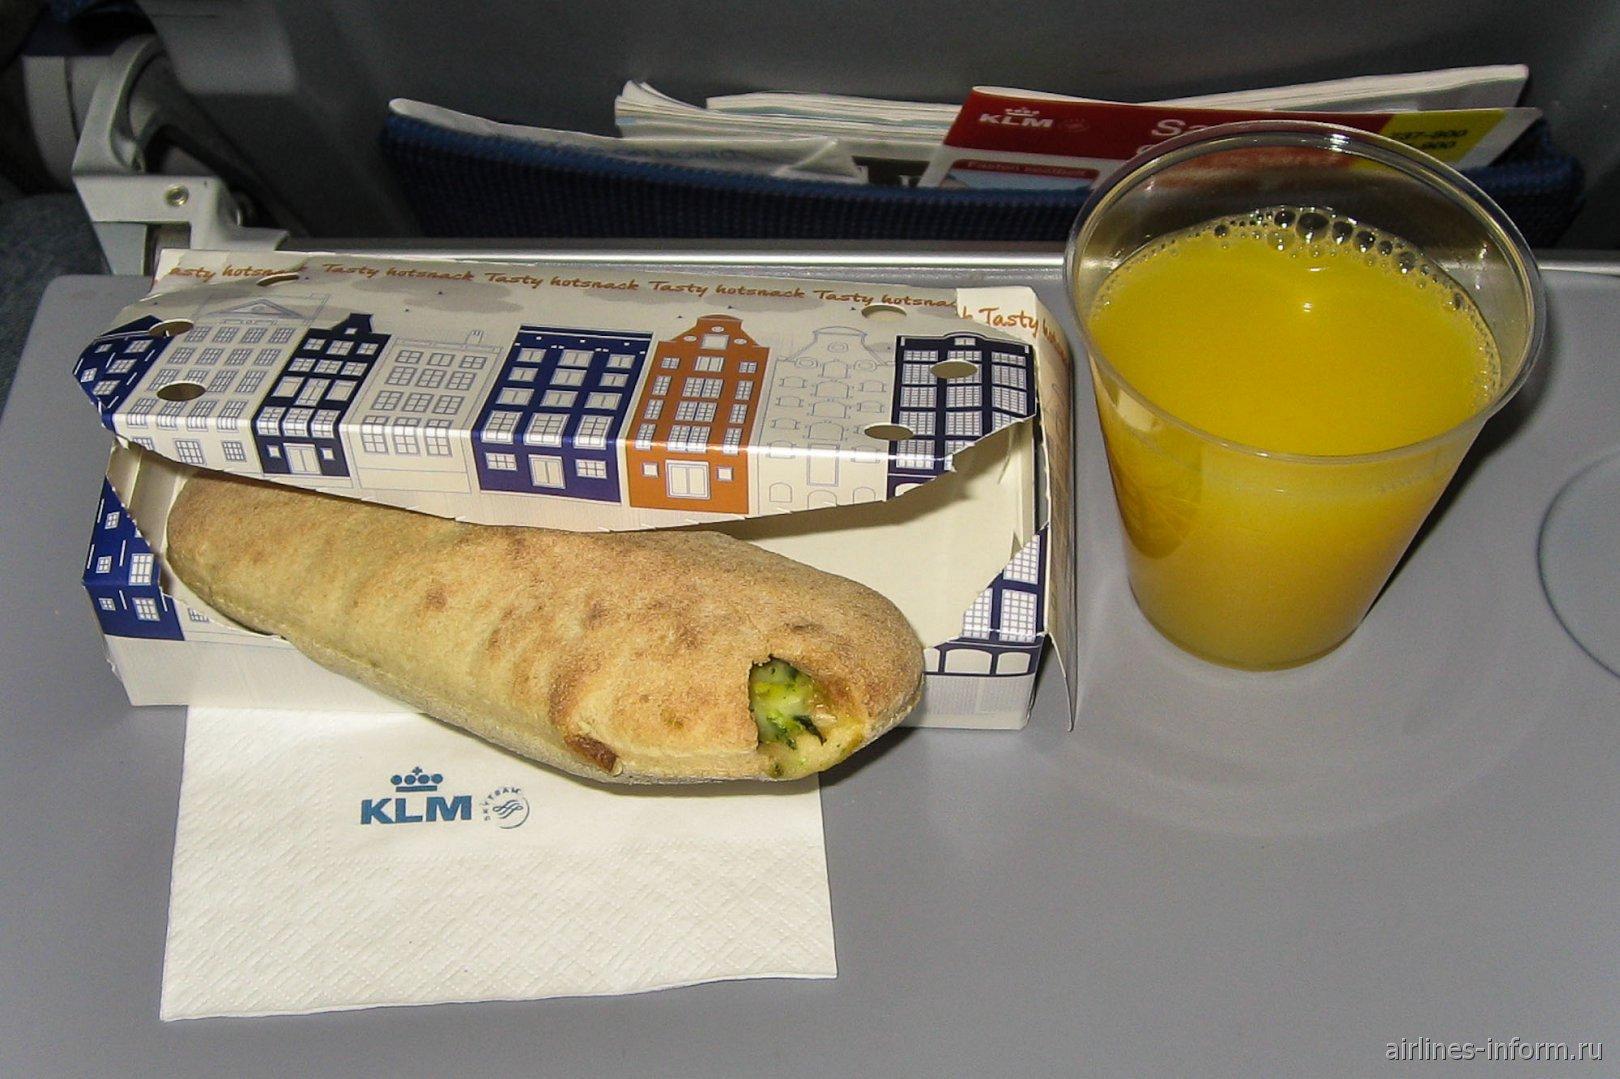 Питание на рейсе Москва-Амстердам авиакомпании KLM